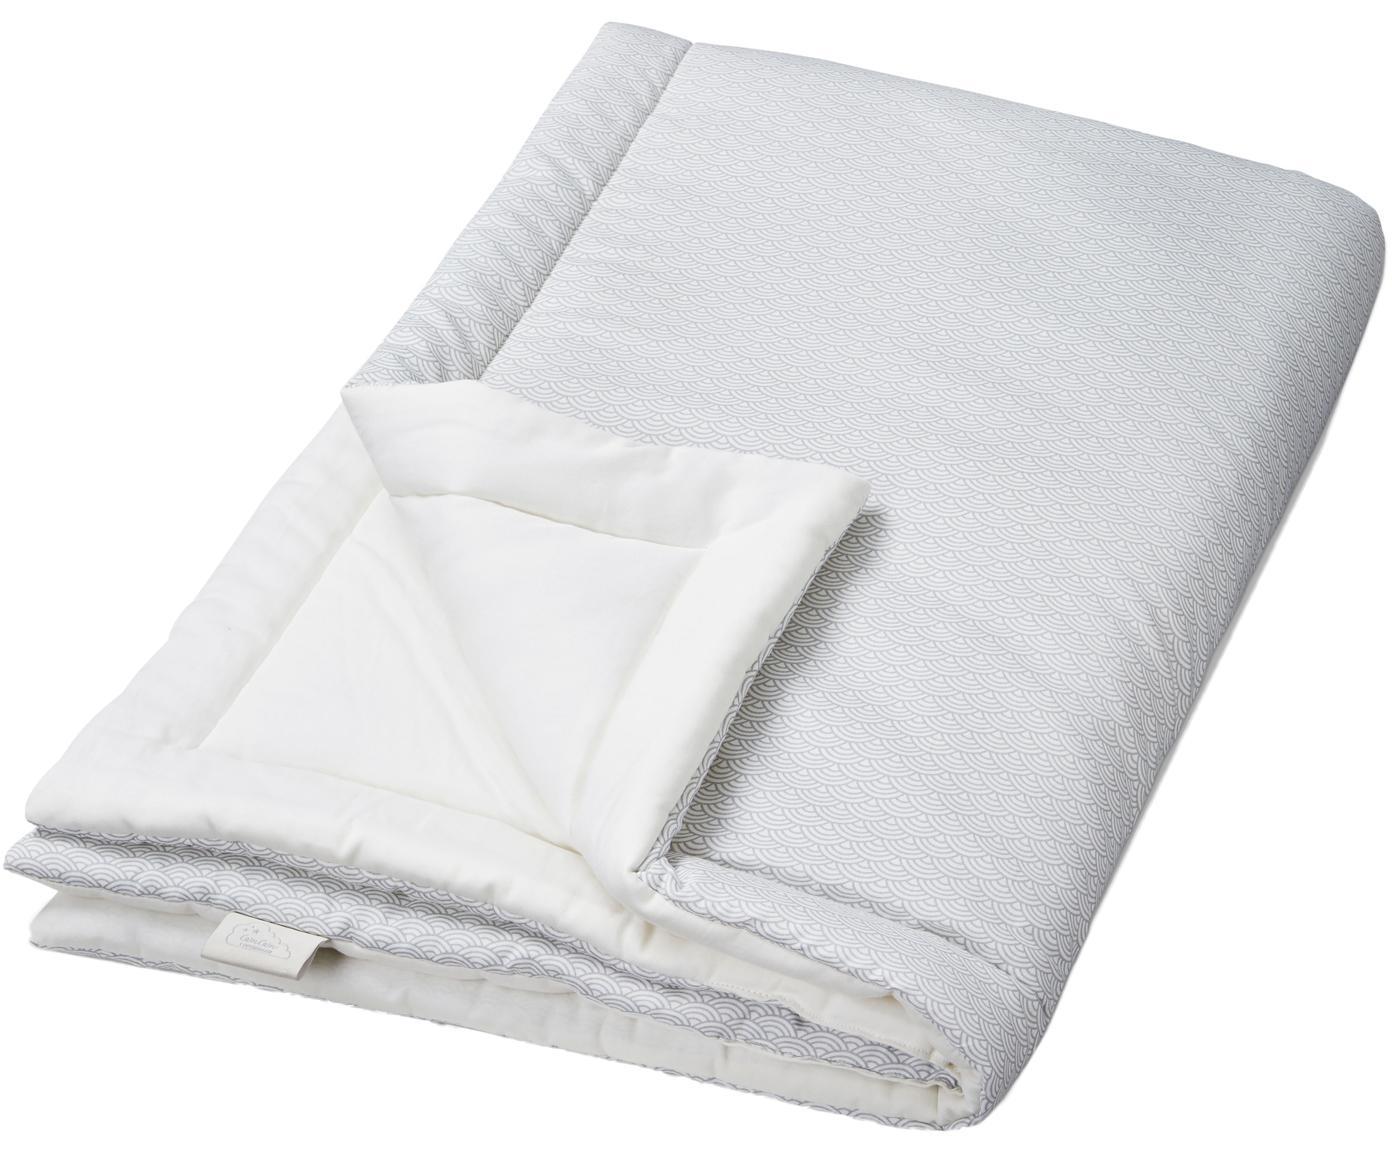 Koc z bawełny organicznej Wave, Tapicerka: bawełna organiczna, Szary, biały, S 90 x D 120 cm